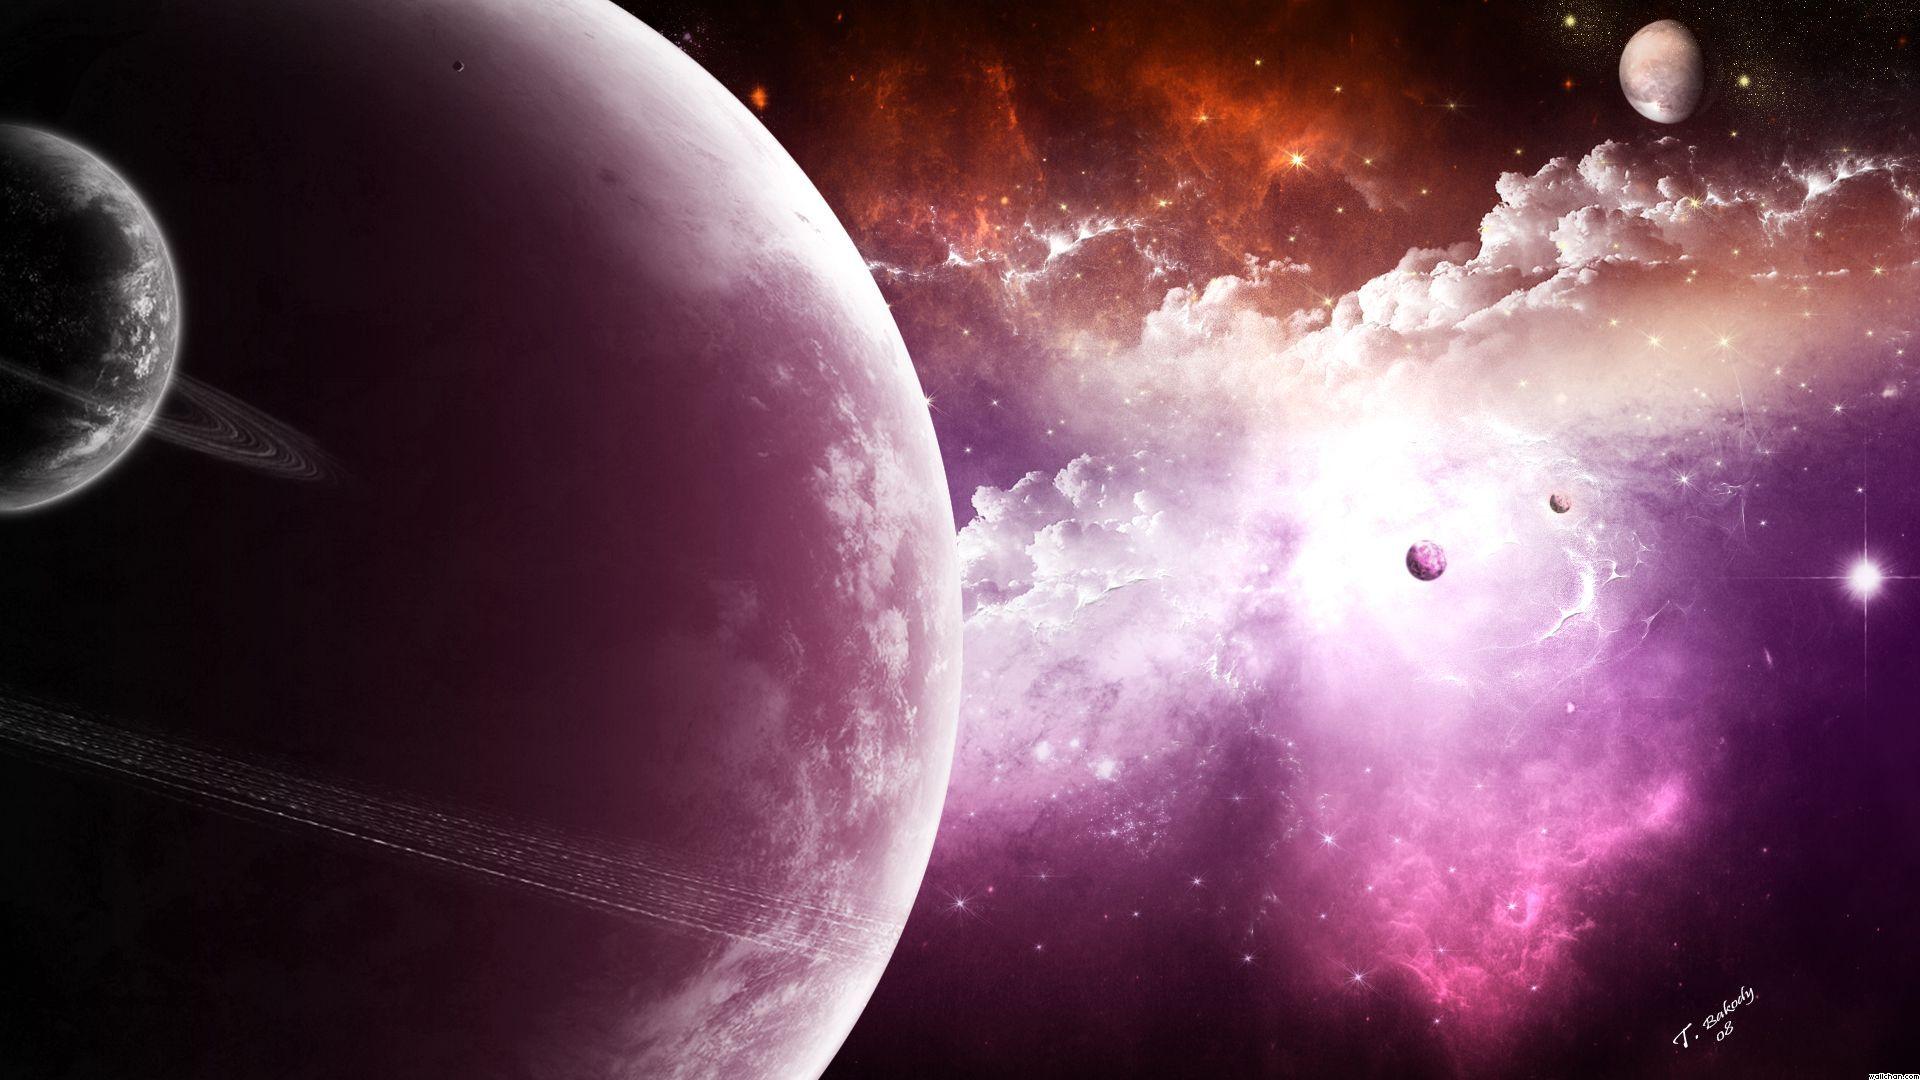 7f13a878d Nous avions notre belle planète Bleu, maintenant voici la planète ...